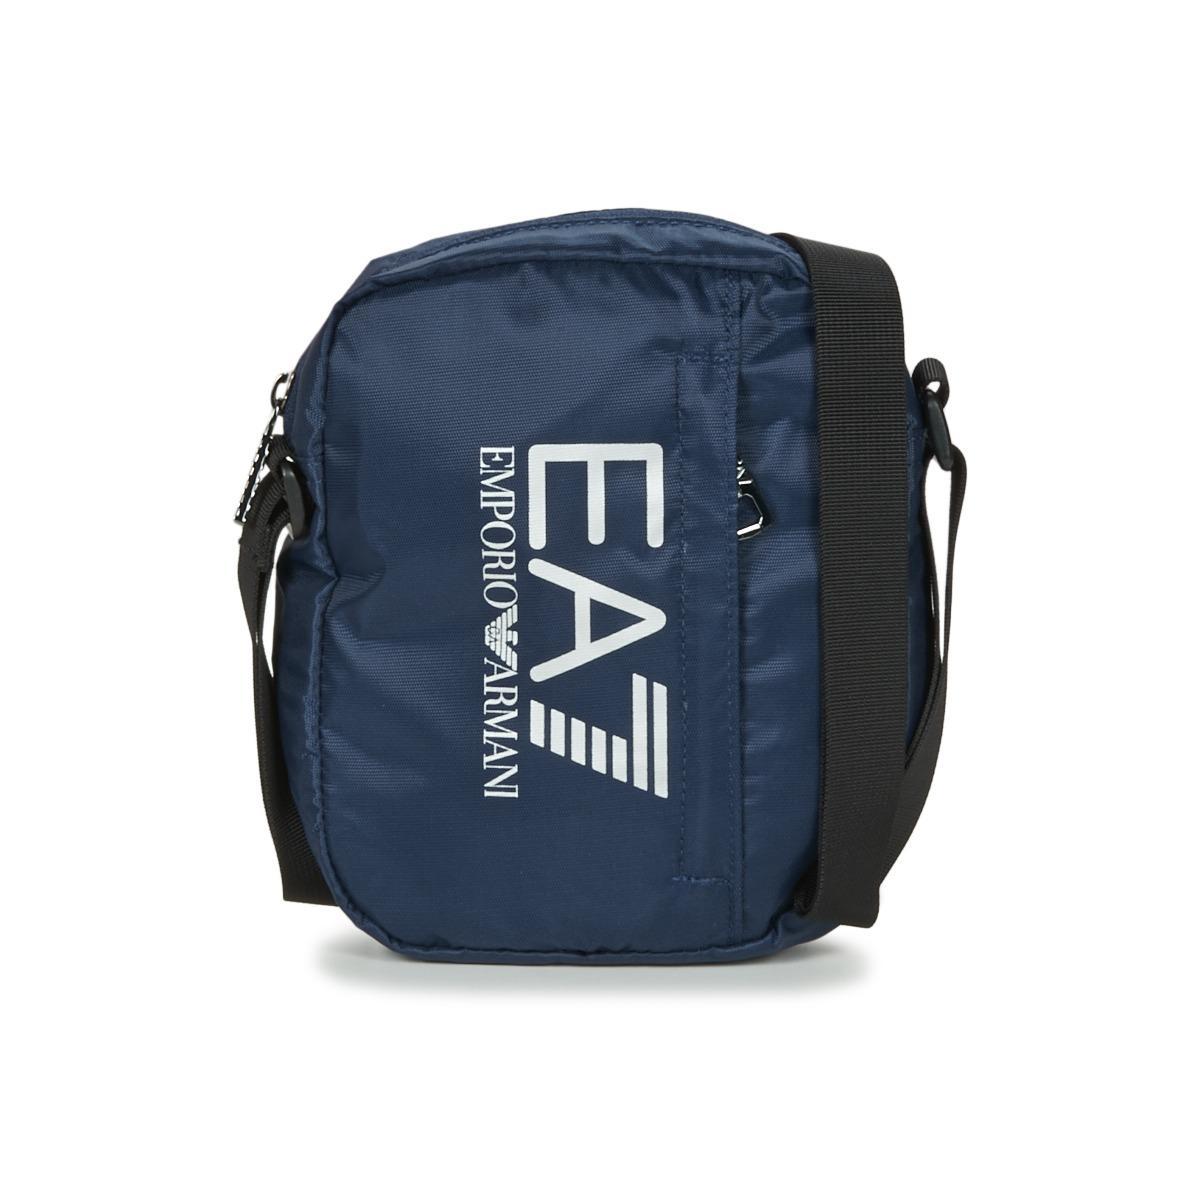 e3392ba249f Lyst - TRAIN PRIME U POUCH BAG SMALL C hommes Sacoche en bleu EA7 ...